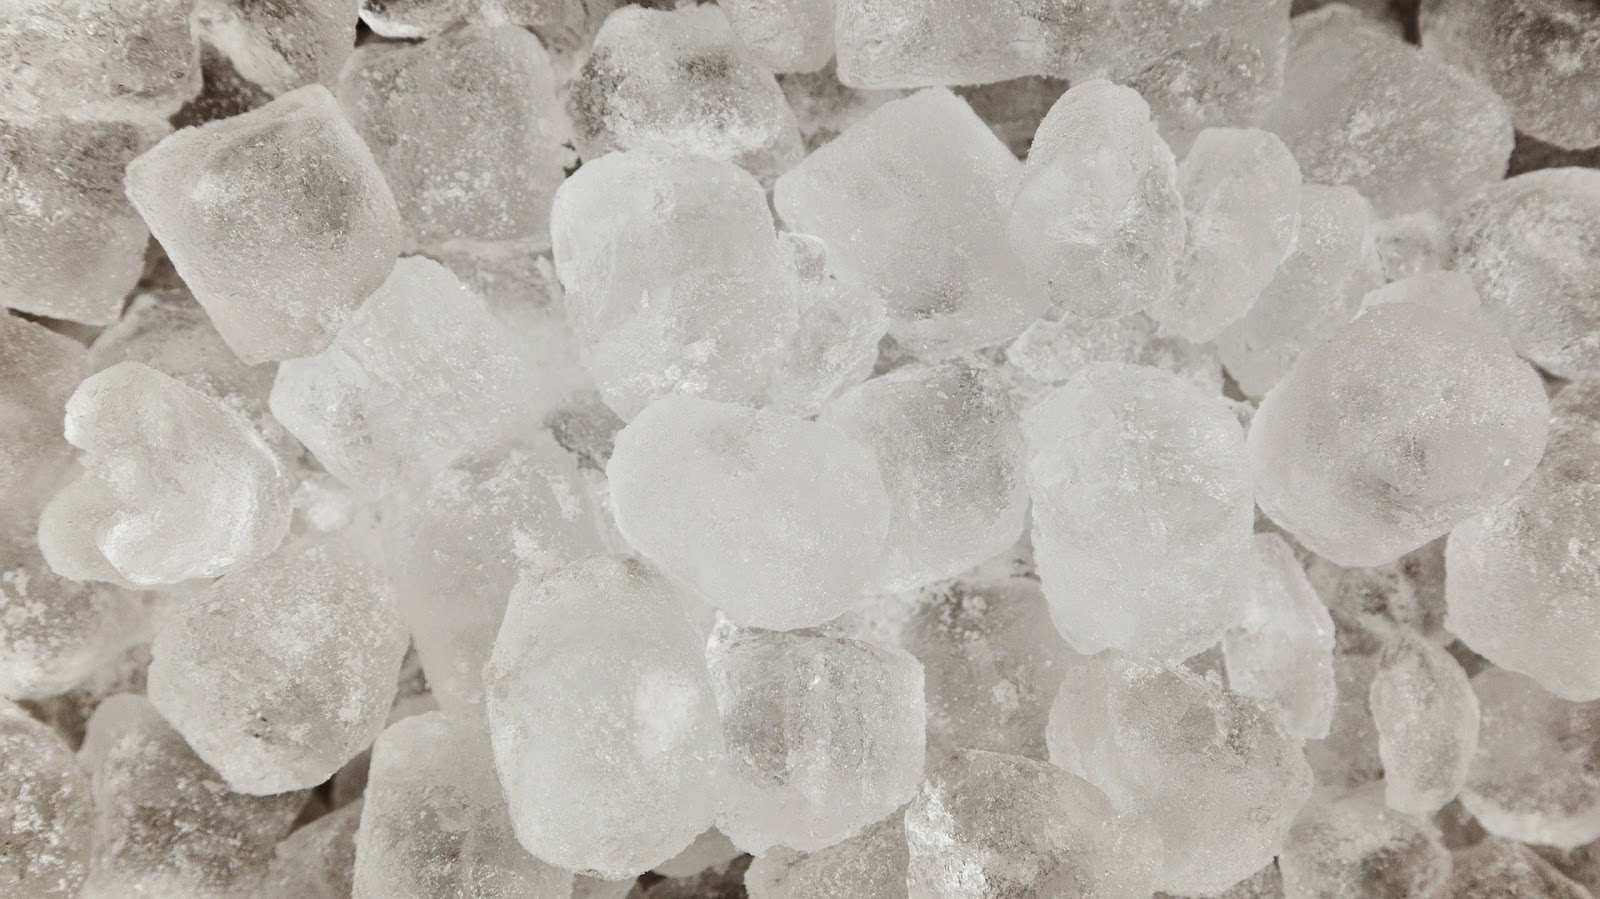 Τρόπος για να μην κολλάνε οι παγοθήκες ή οι σακούλες πάγου στην  κατάψυξη